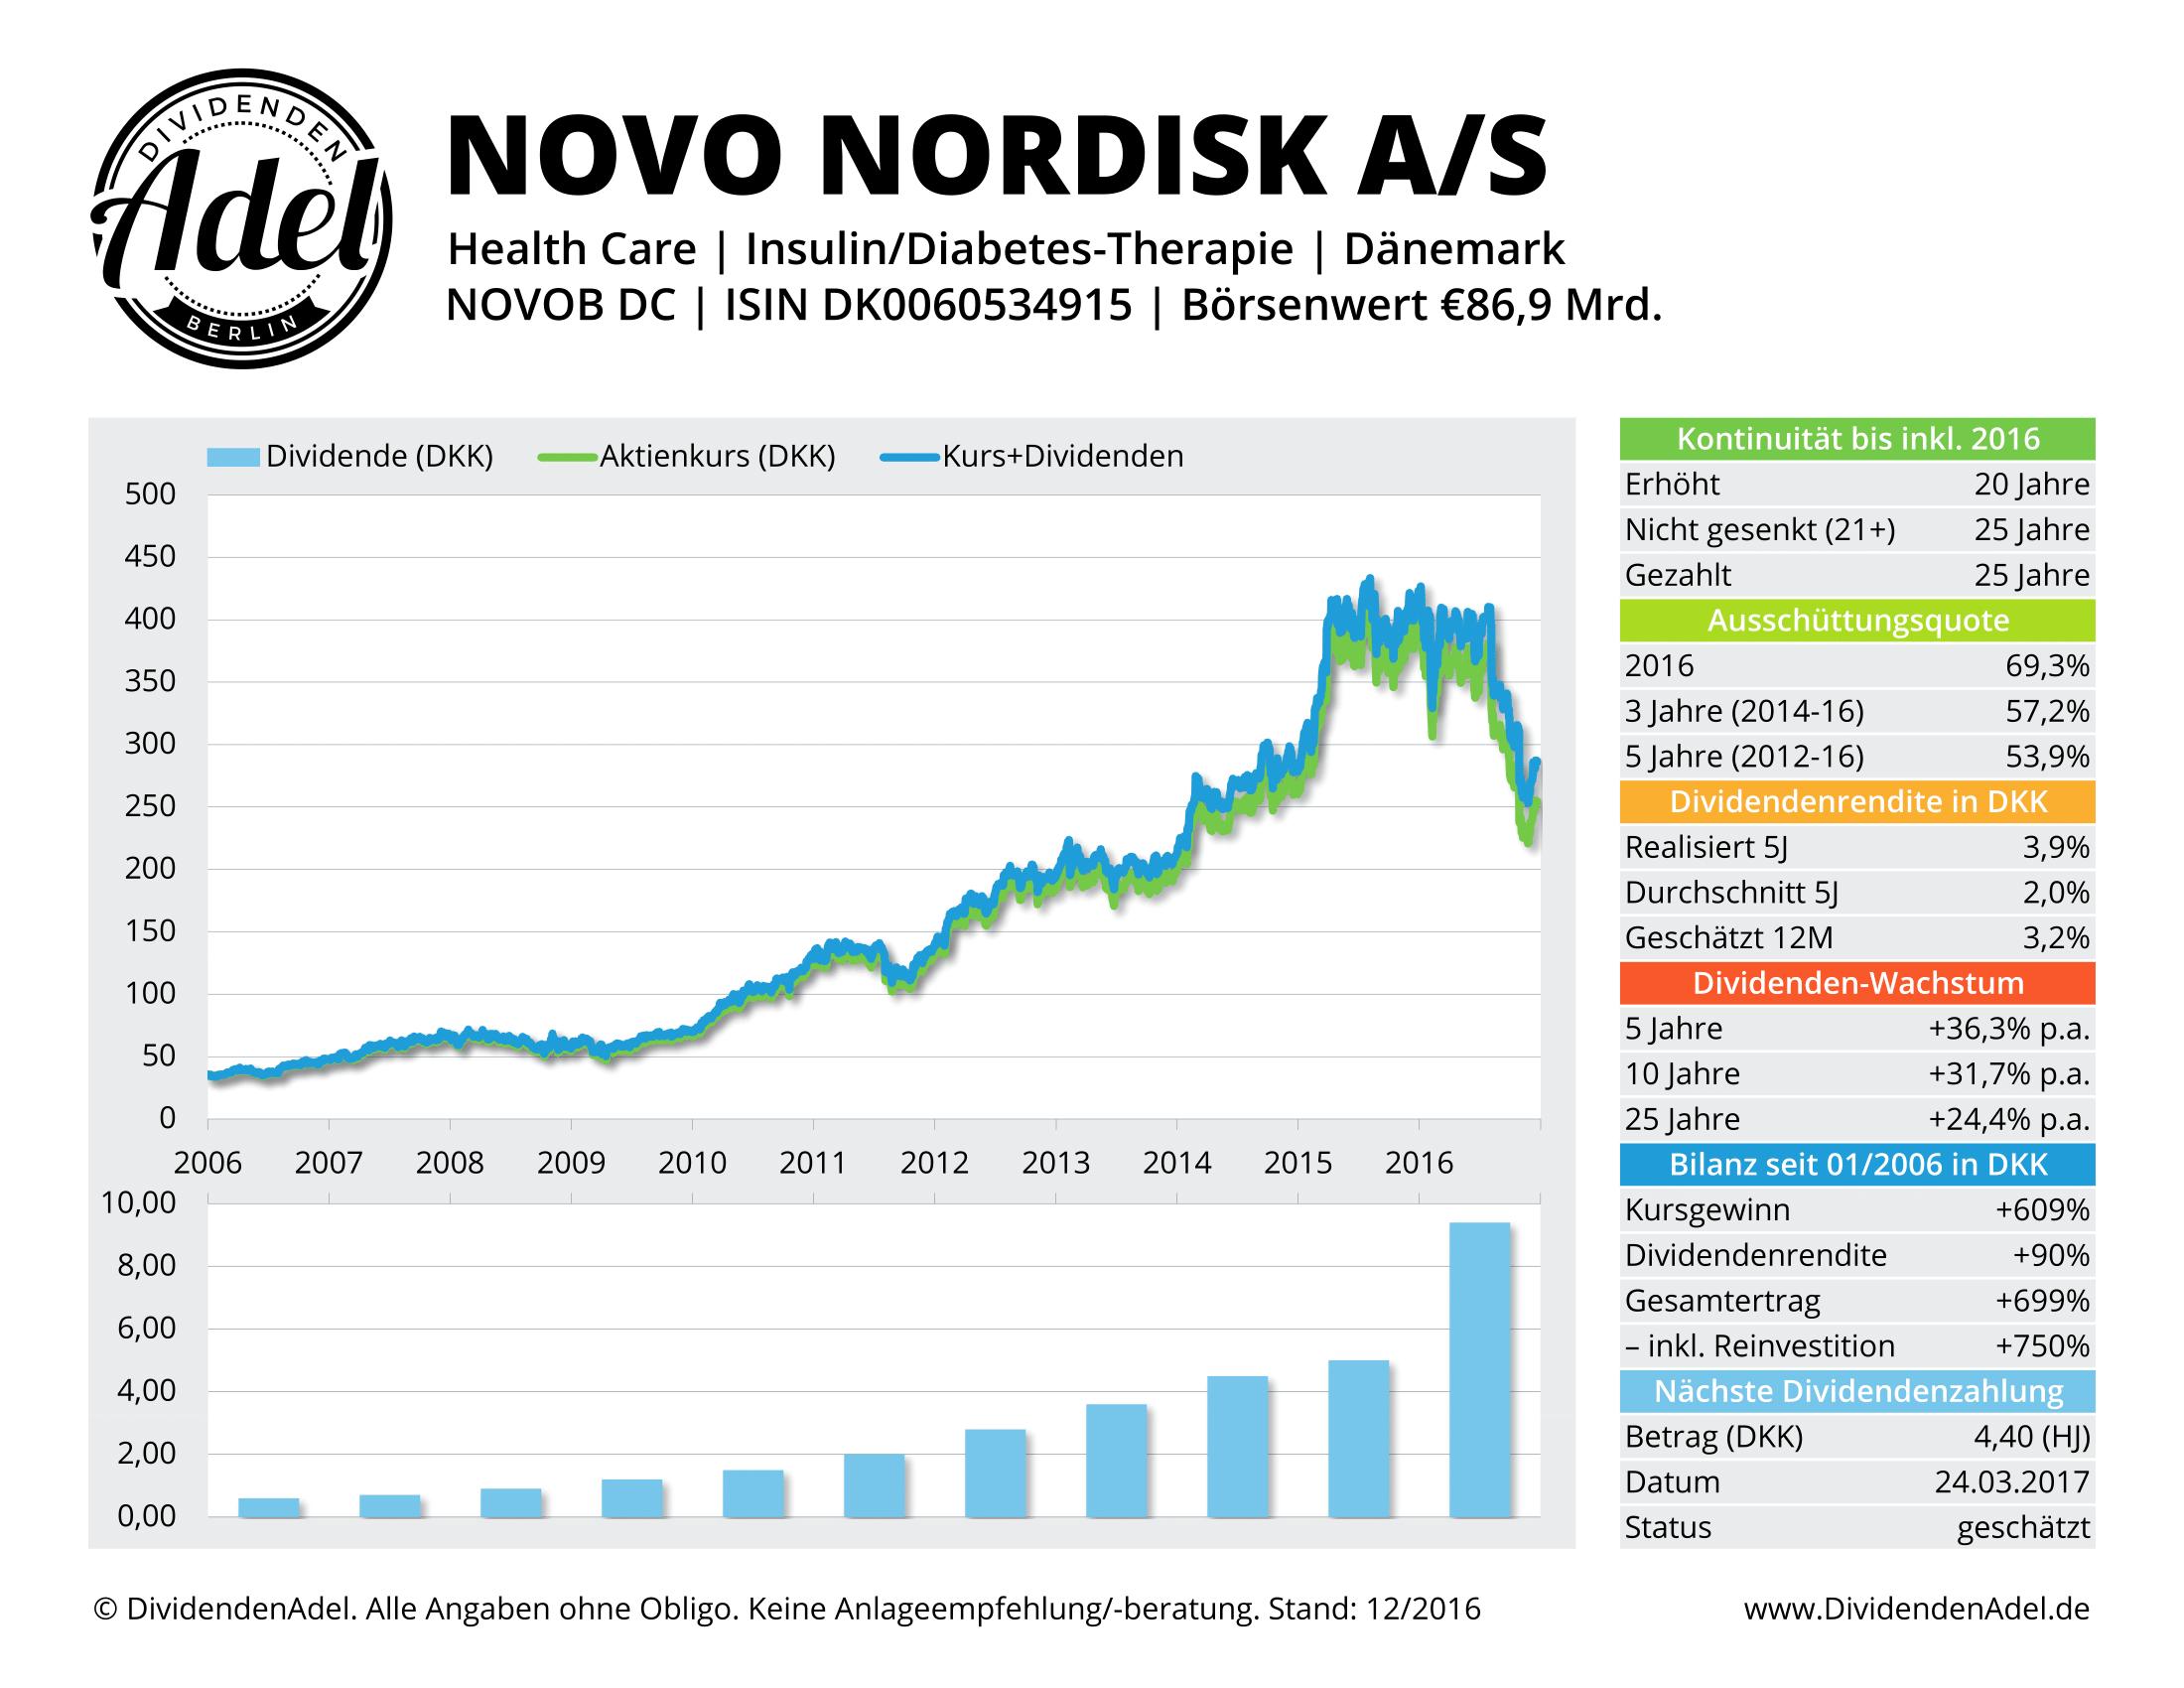 DividendenAdel Dividenden-Flops Novo Nordisk